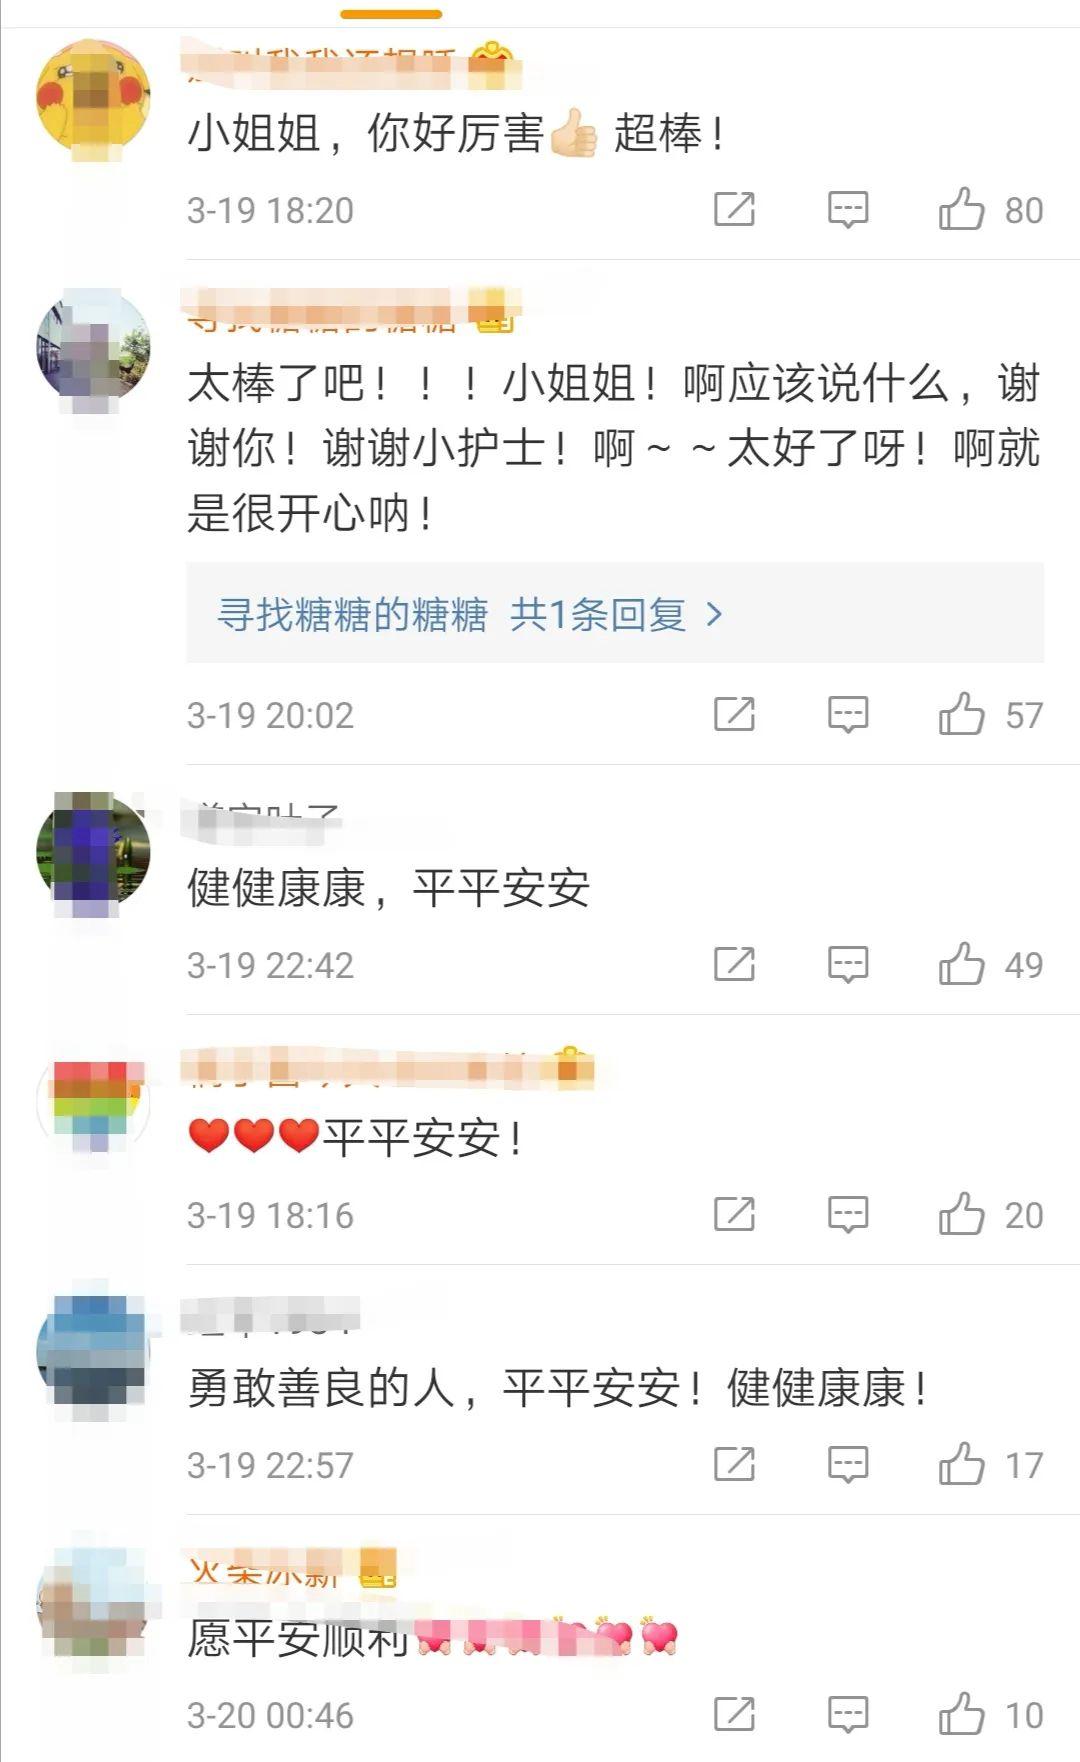 中国新冠疫苗开始人体注射实验_第一批志愿者已注射